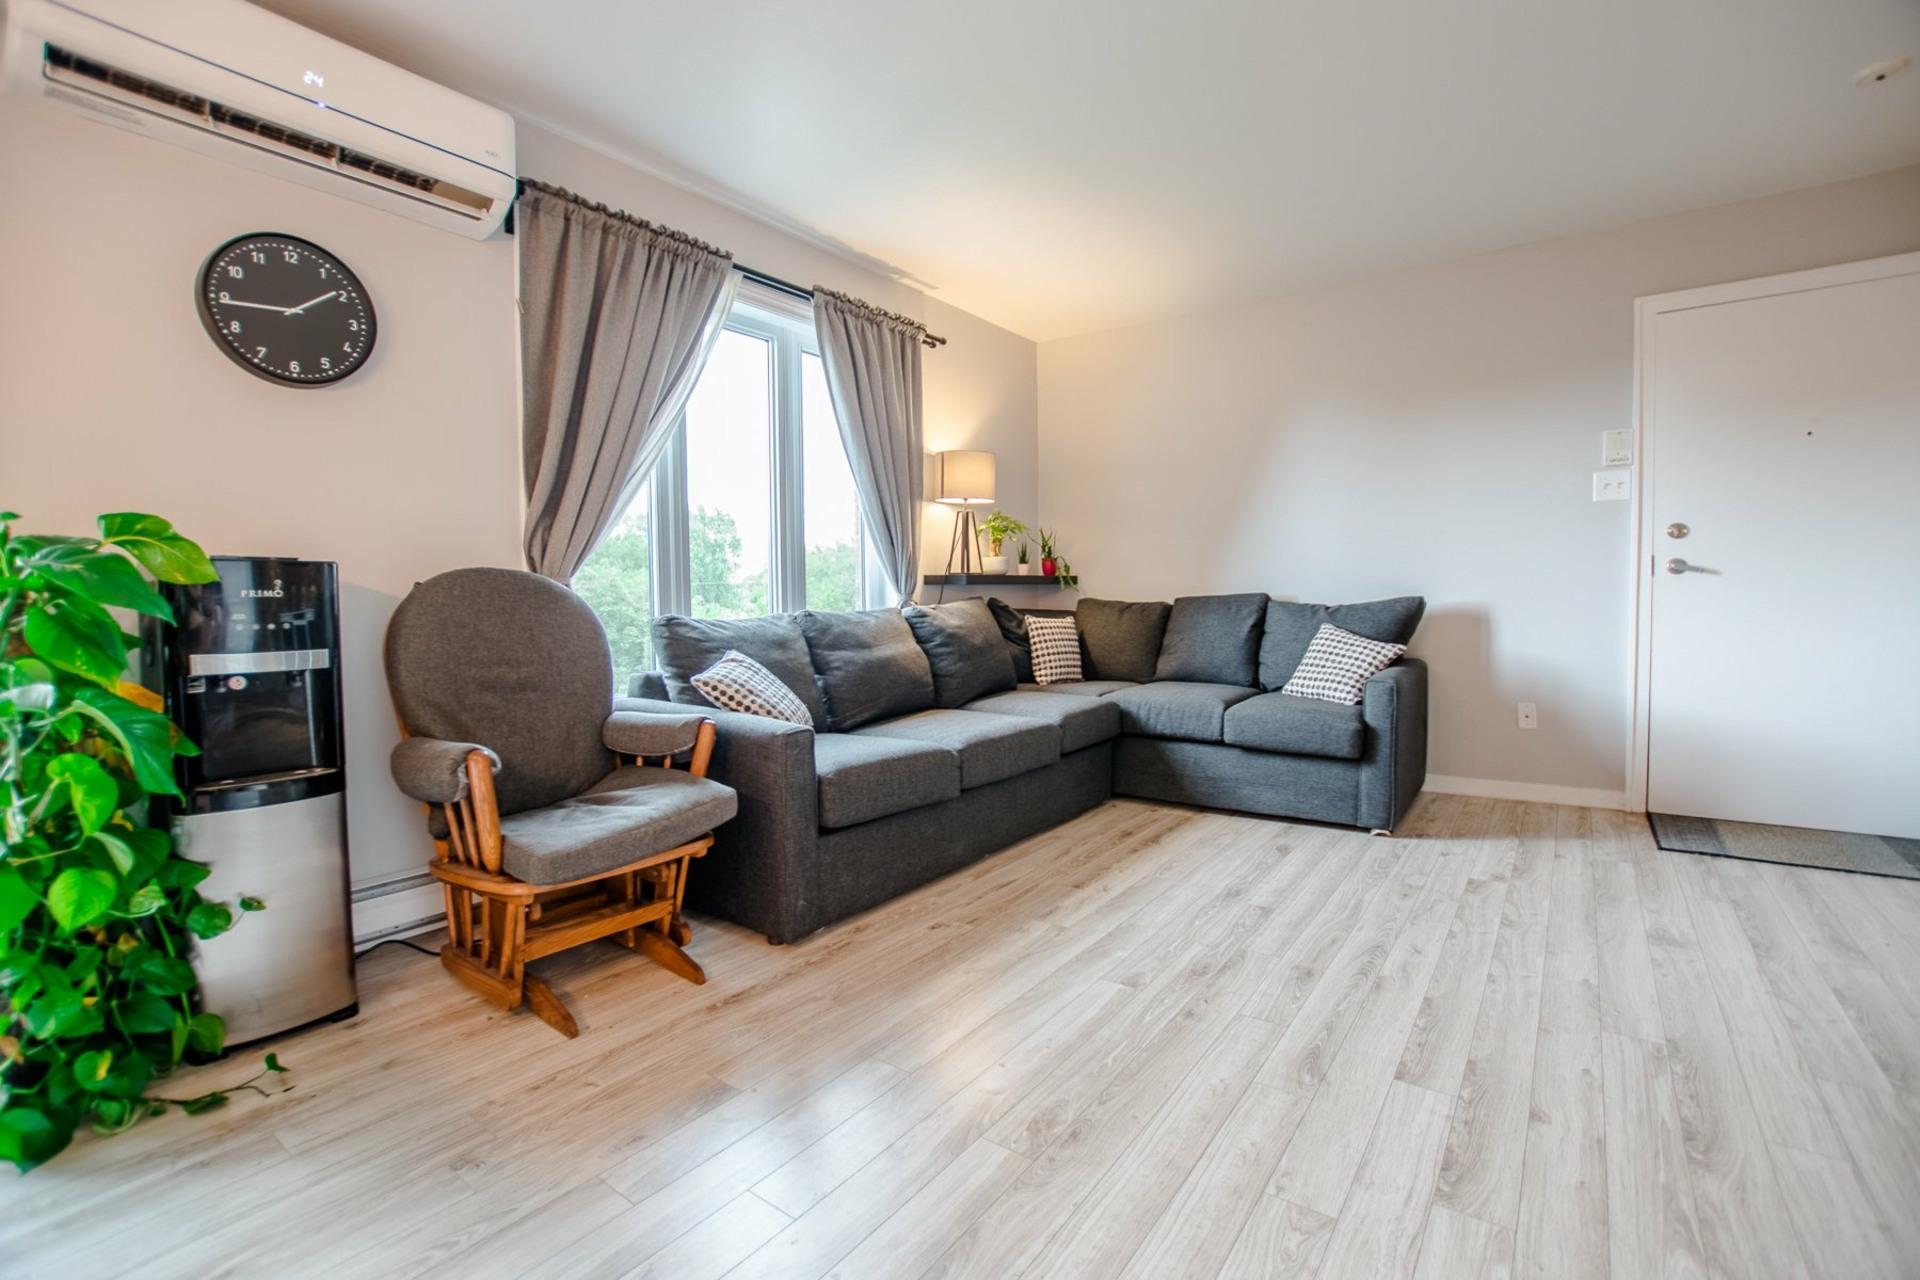 image 6 - Appartement À vendre Châteauguay - 5 pièces